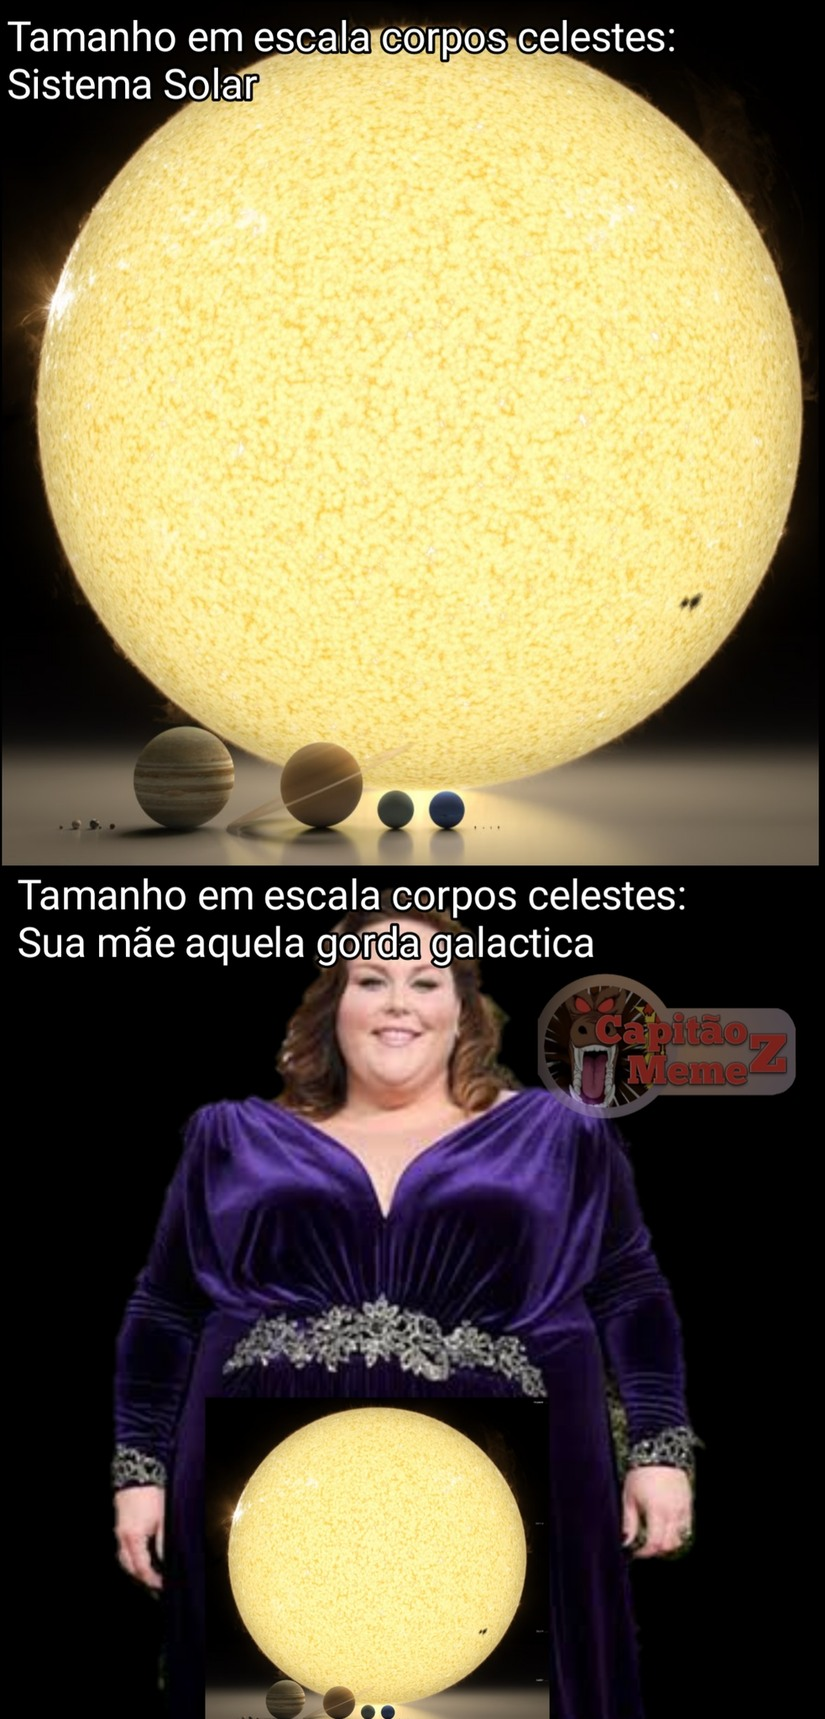 Gorda - meme